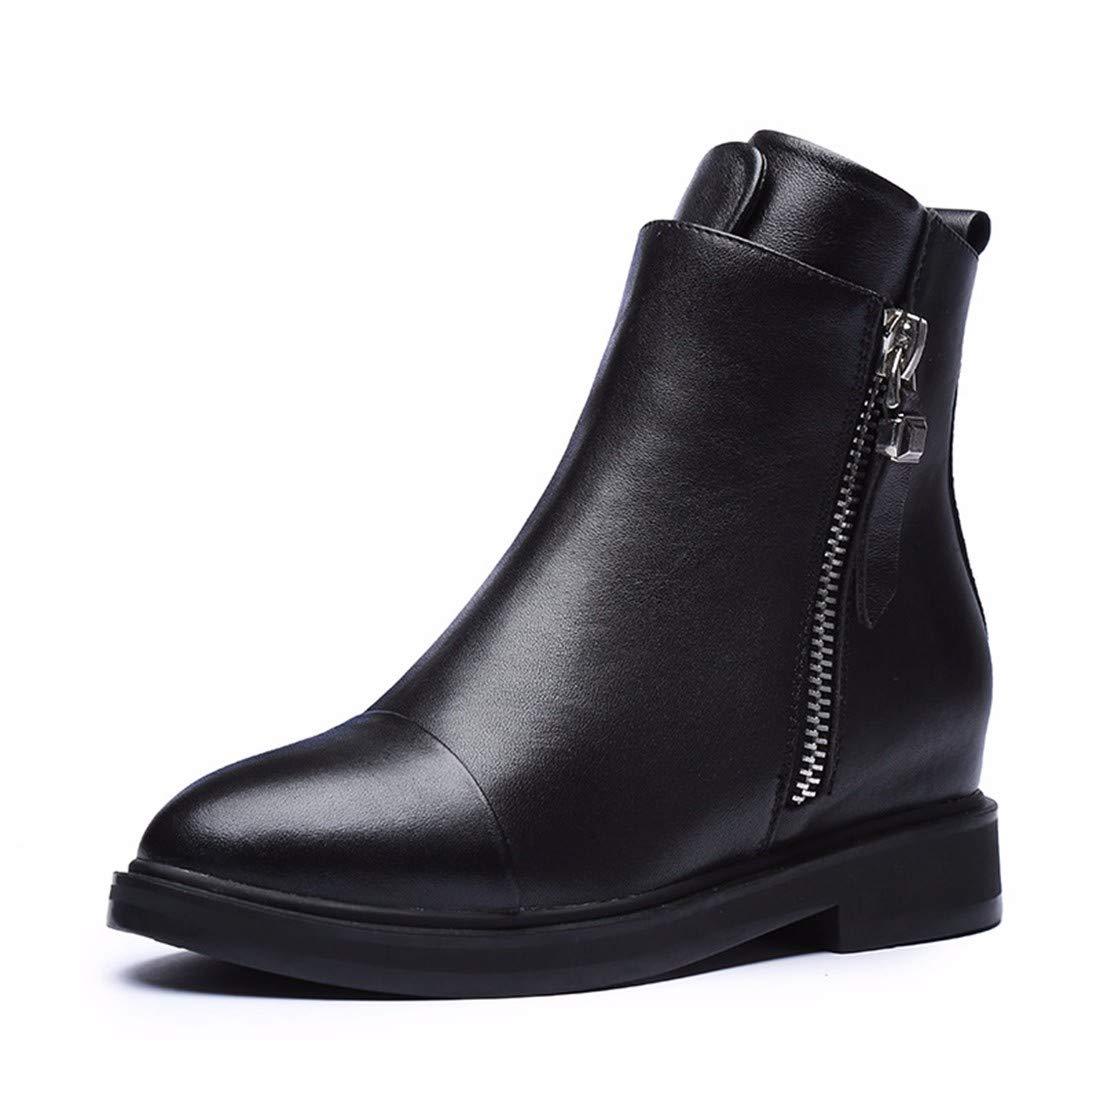 BeatinToes Stiefel Damen Herbst Winter Warm Wasserdicht Anti Slip Leder Martin Stiefel Reine Farbe Square Ferse Casual Schuhe Stiefel Mode